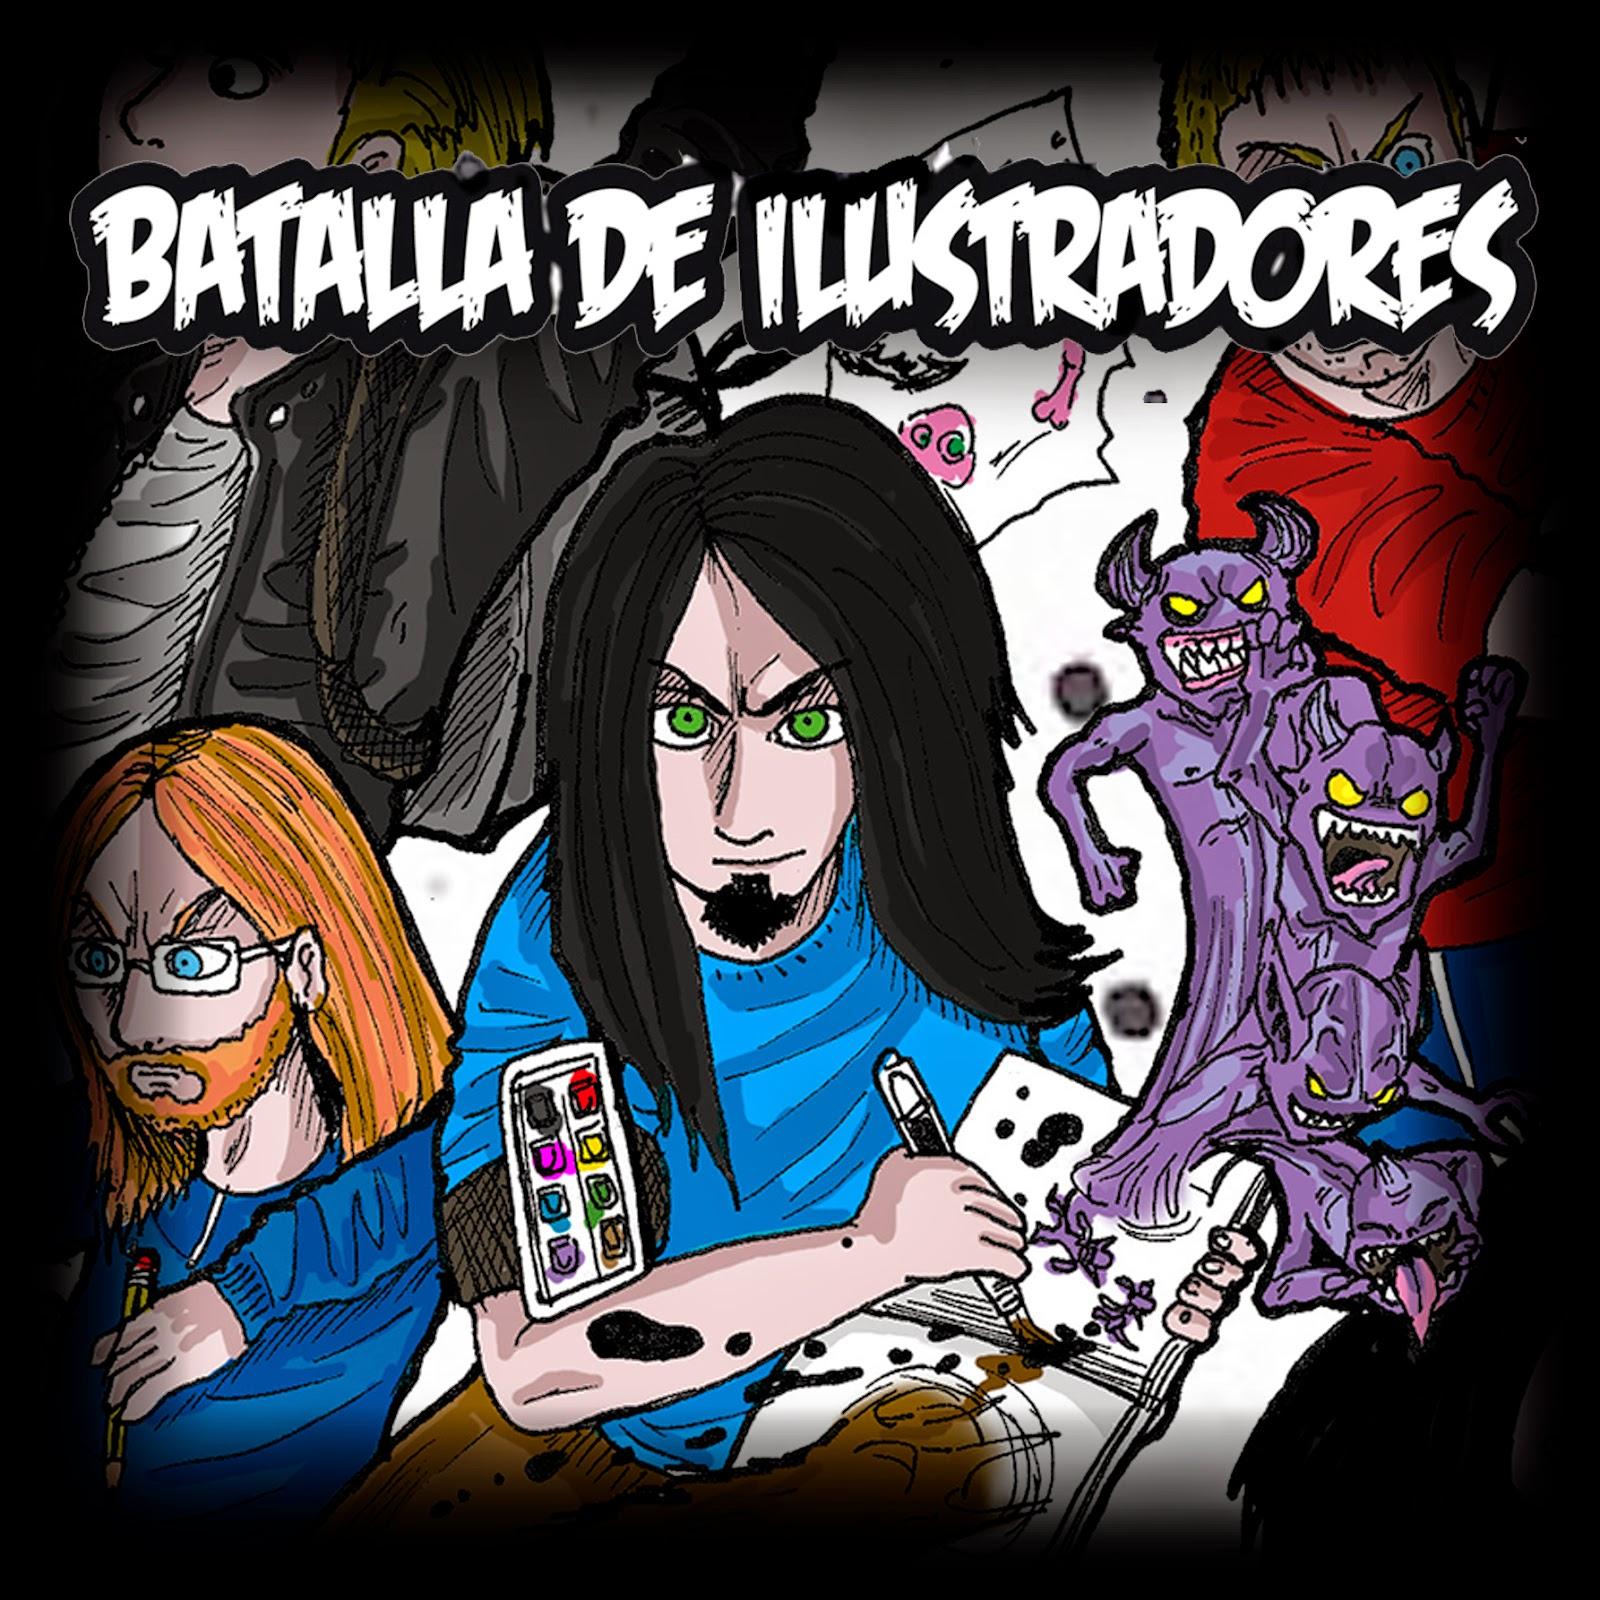 http://luisocs-comics.blogspot.com.es/p/batalla-de-ilustradores.html